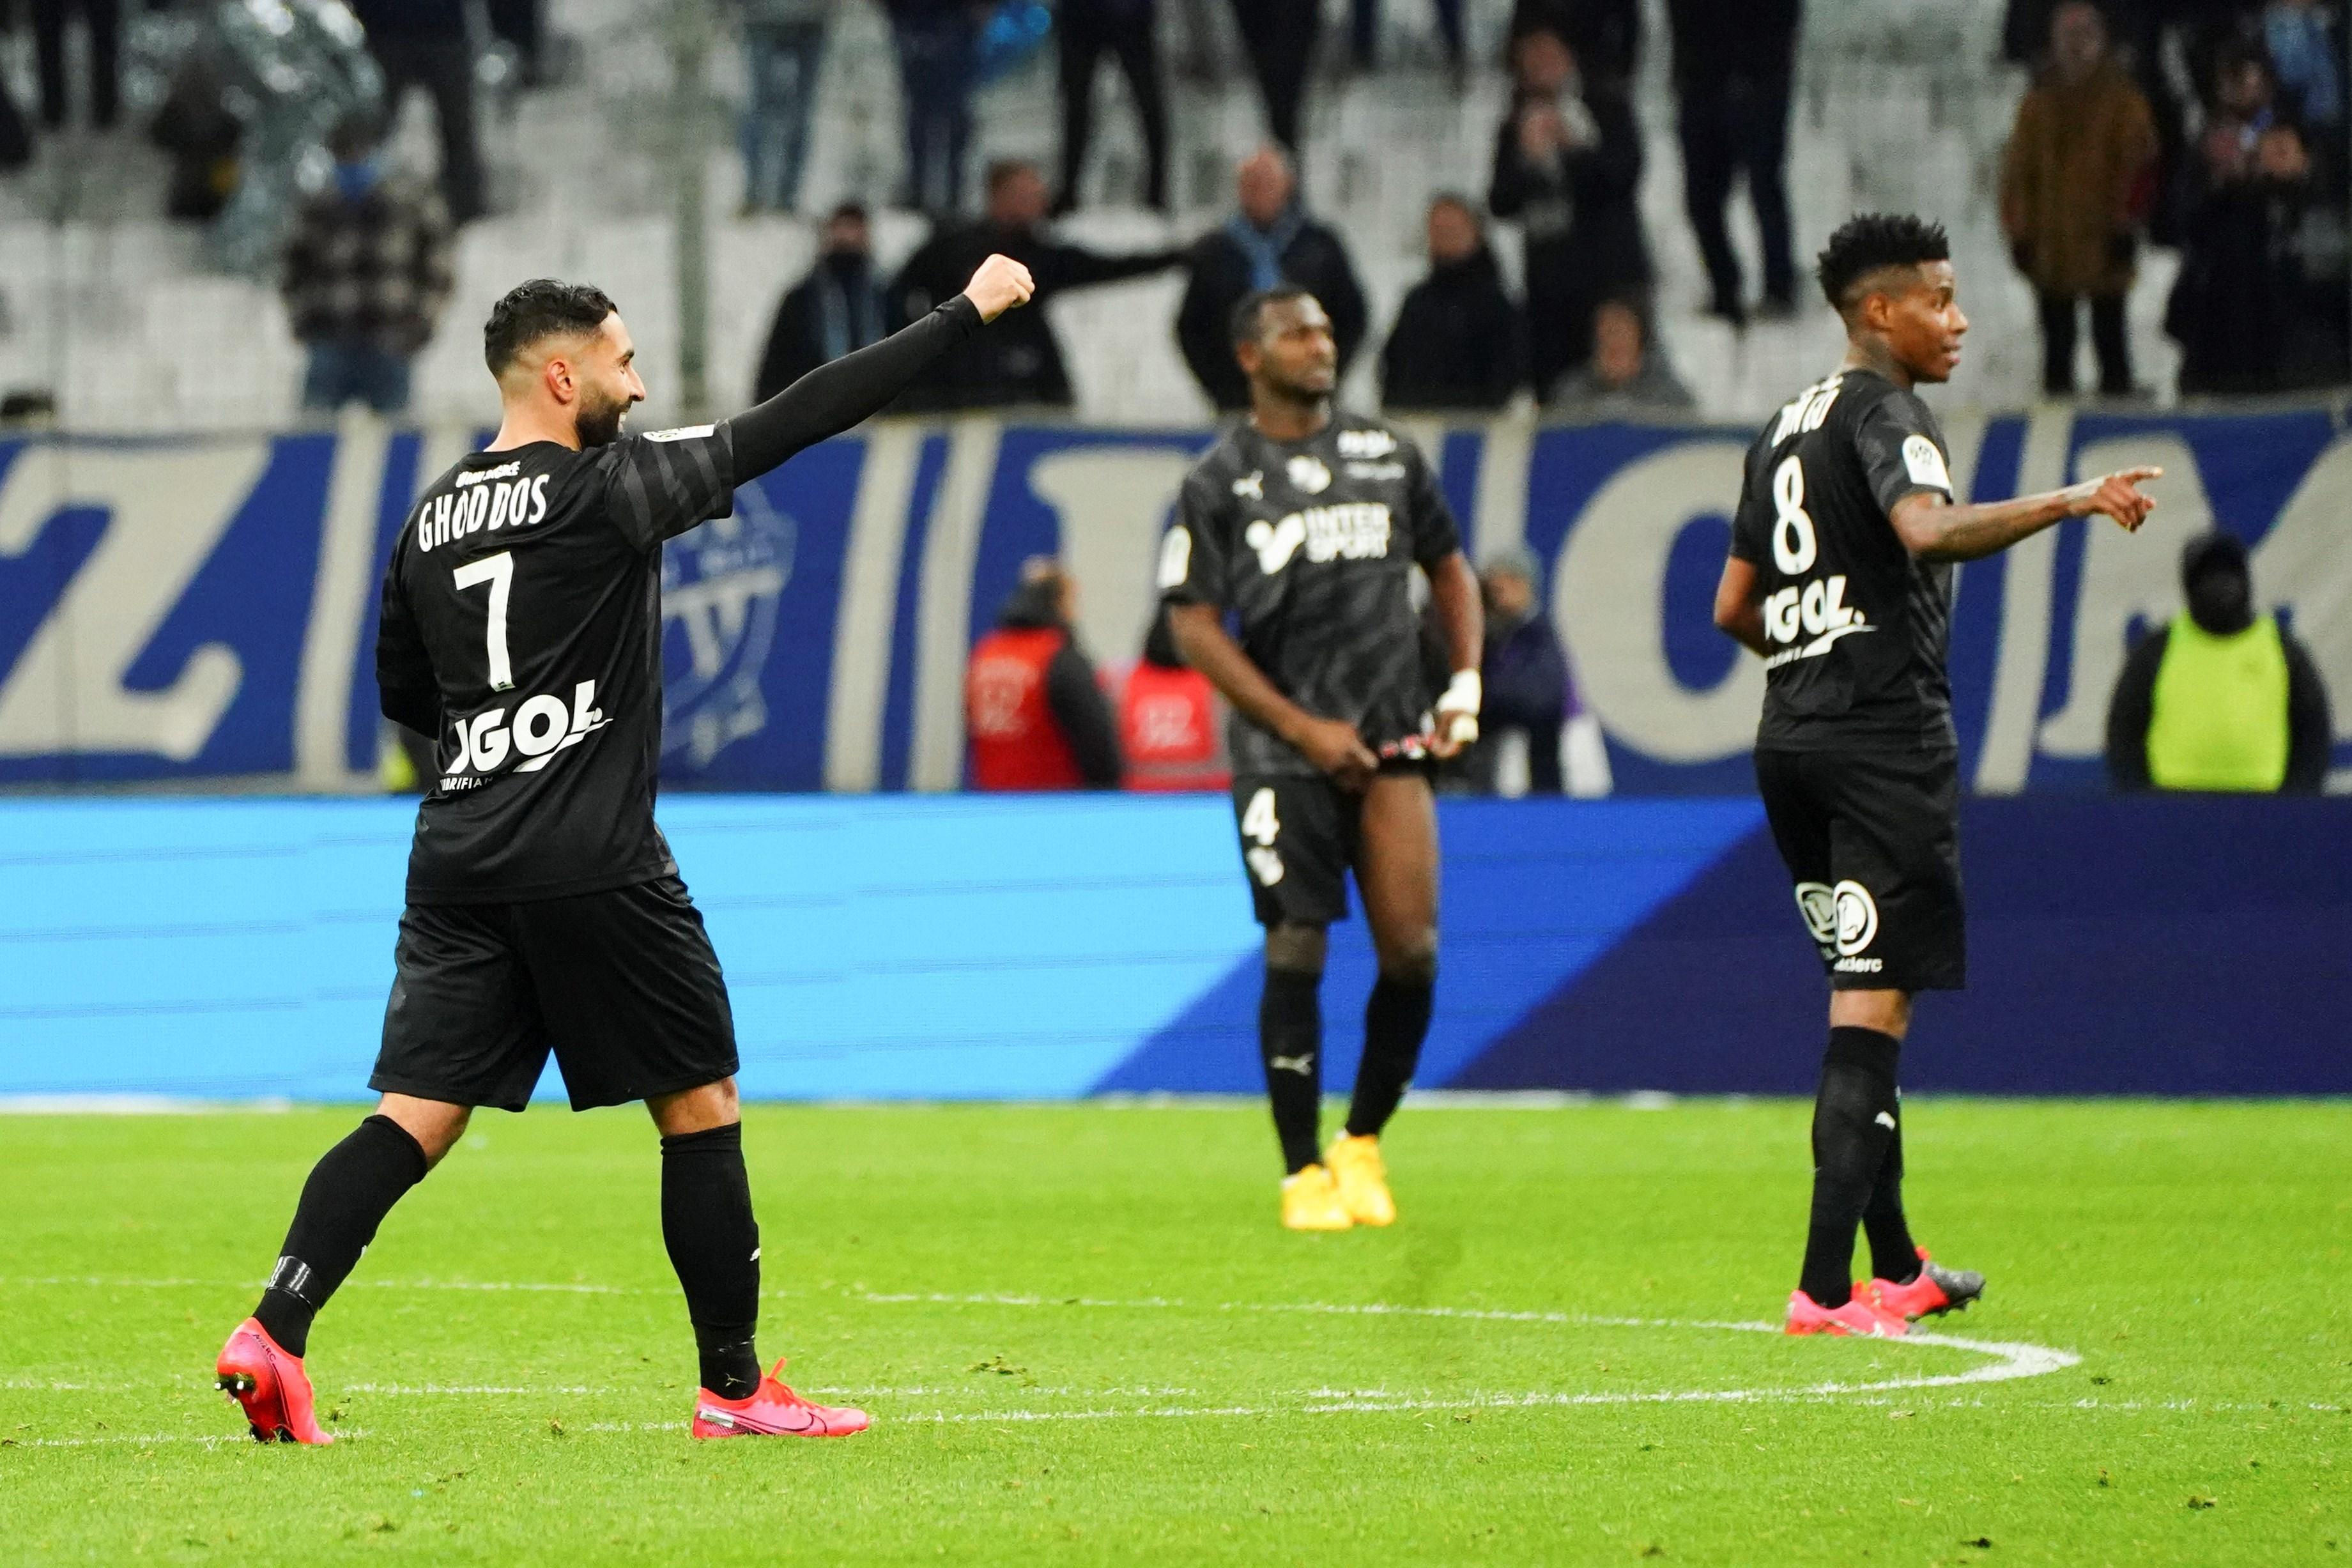 الدوري الفرنسي: أميان يفاجئ مارسيليا في الوقت القتال!